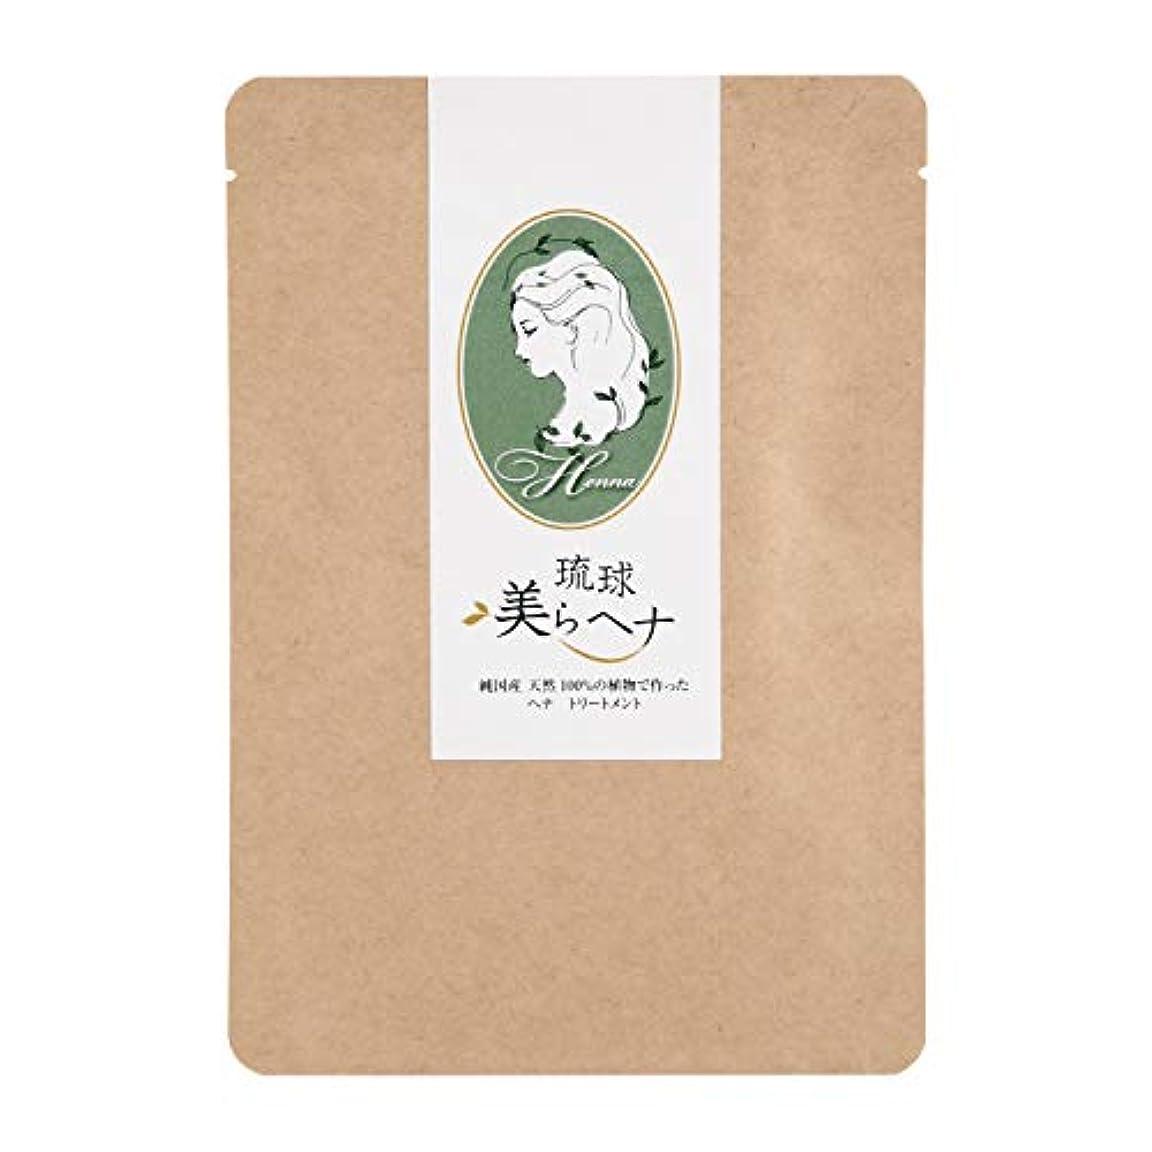 トースト選択する飼い慣らす純国産 ヘナ 白髪染め 天然 100% 琉球 美ら (ちゅら) ヘナ 100g